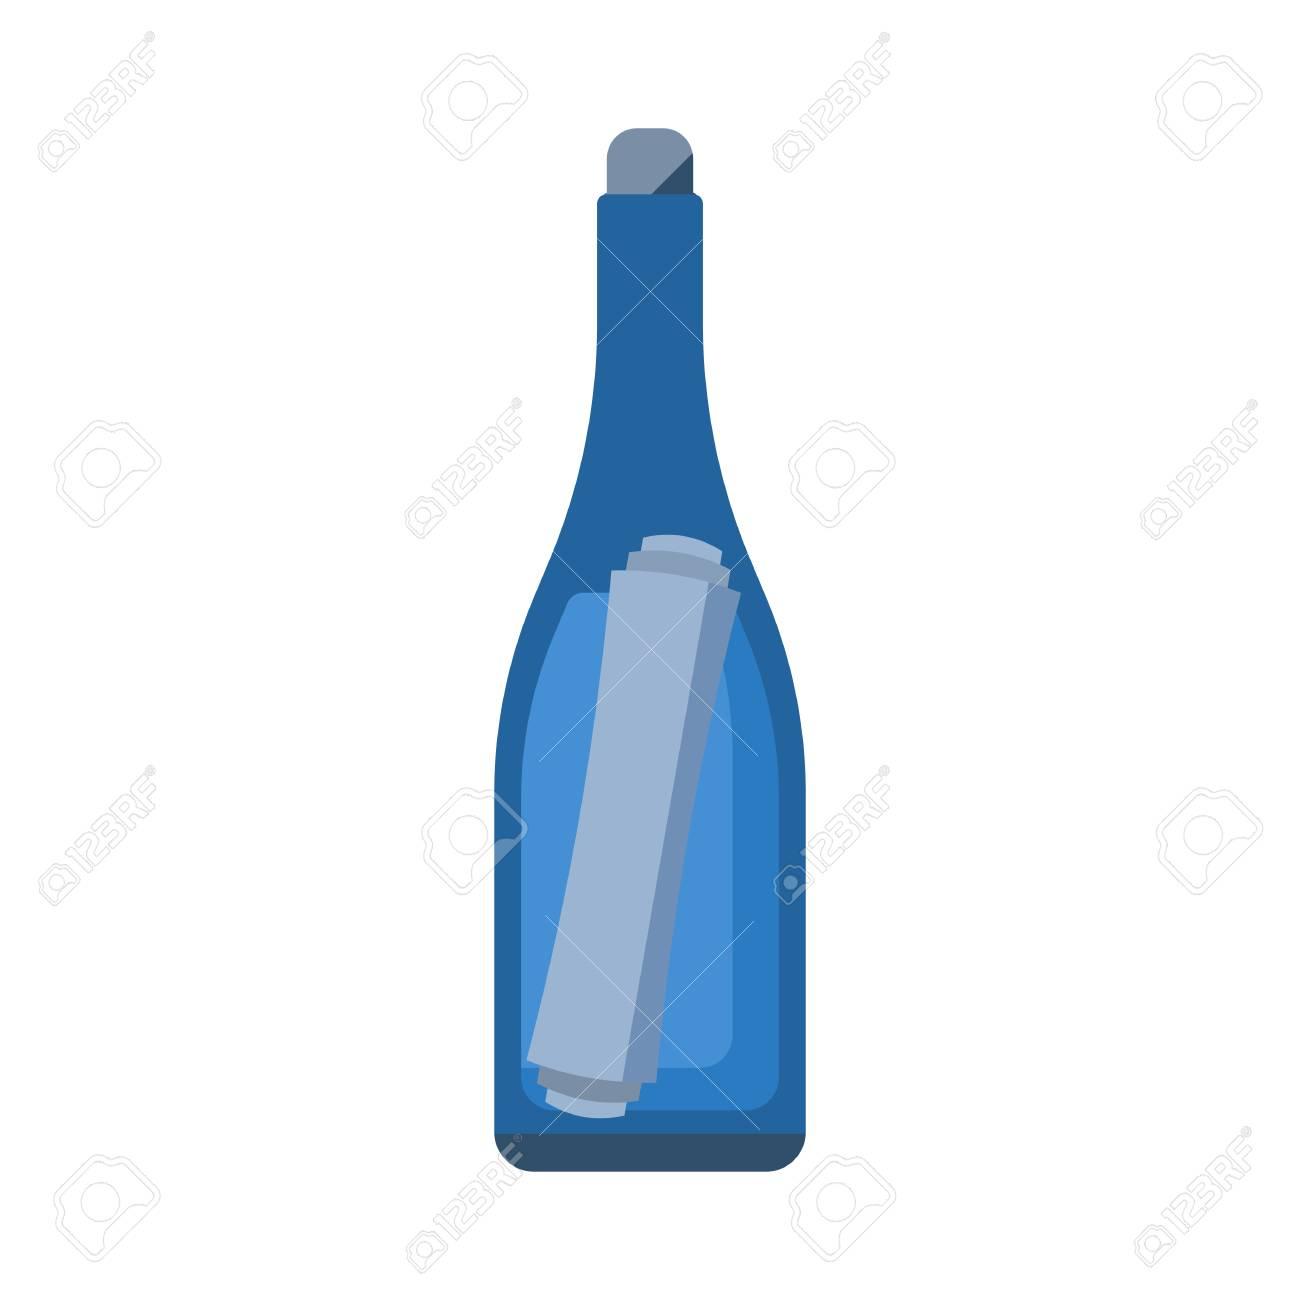 bouteille en verre avec la note vecteur icône. rescue lettre flottant dans  une bouteille isolé sur fond blanc. shipwreck un message illustration